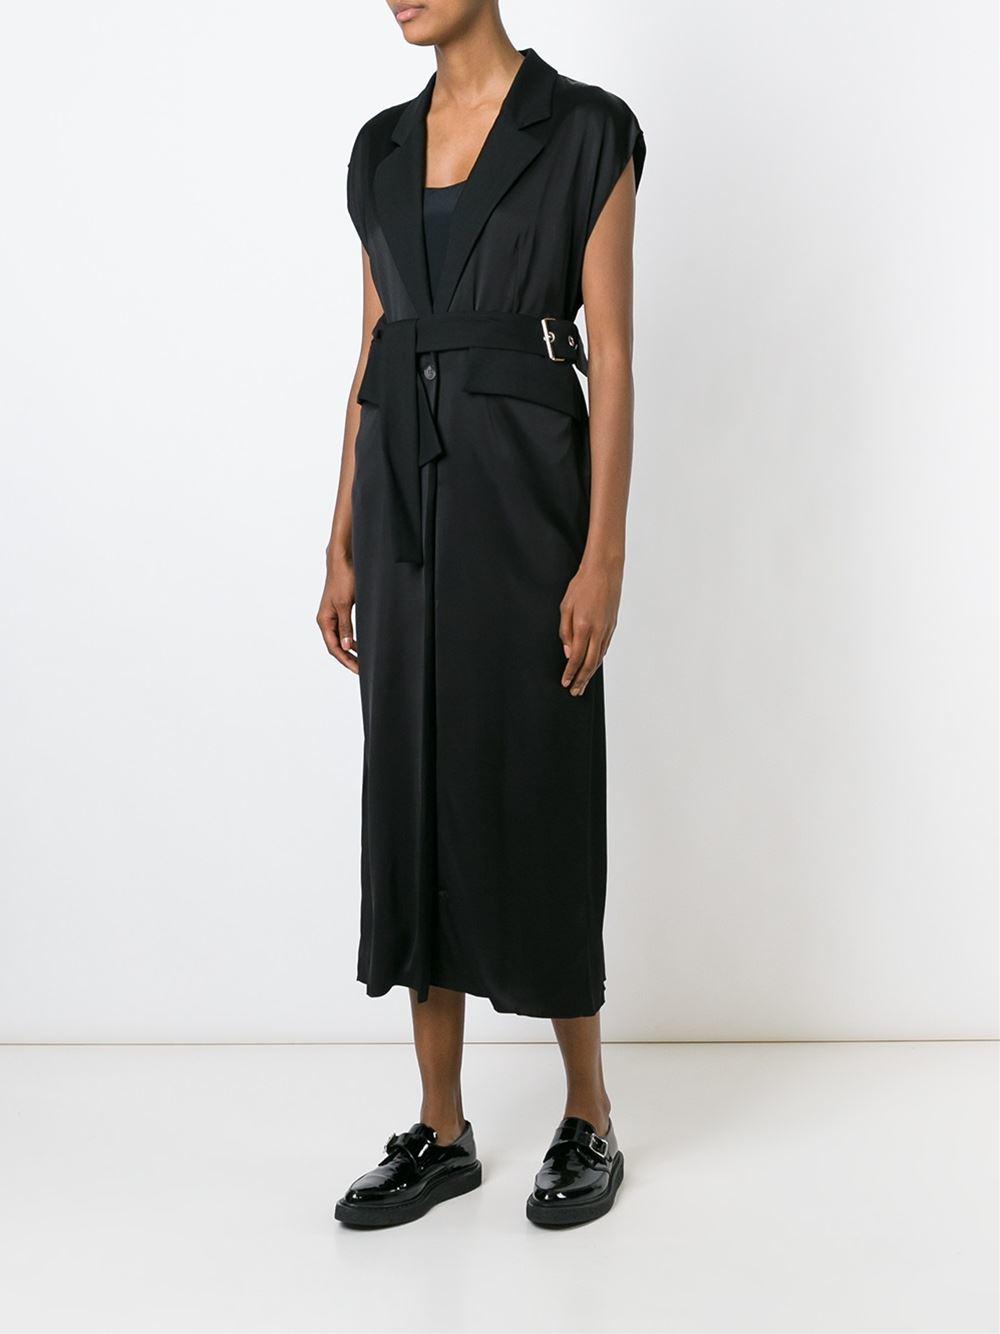 v-neck dress - Black Maison Martin Margiela nFuRni